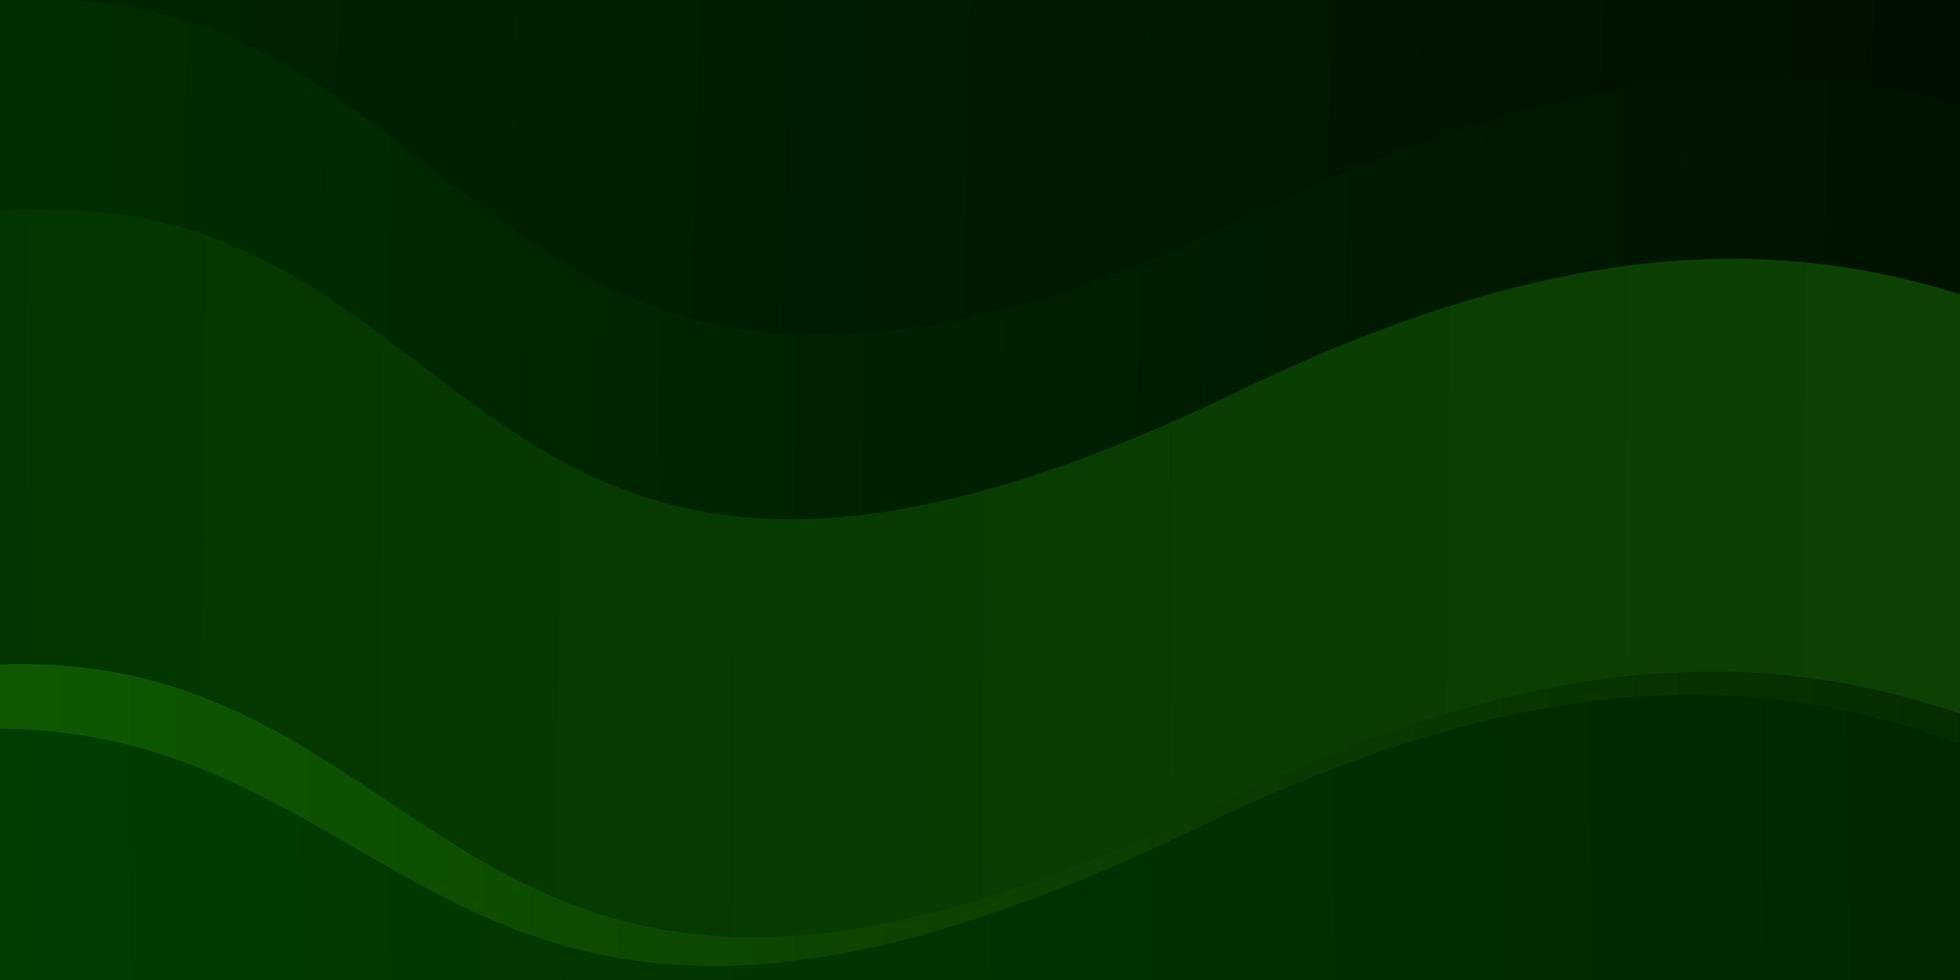 patrón de vector verde claro con líneas torcidas.